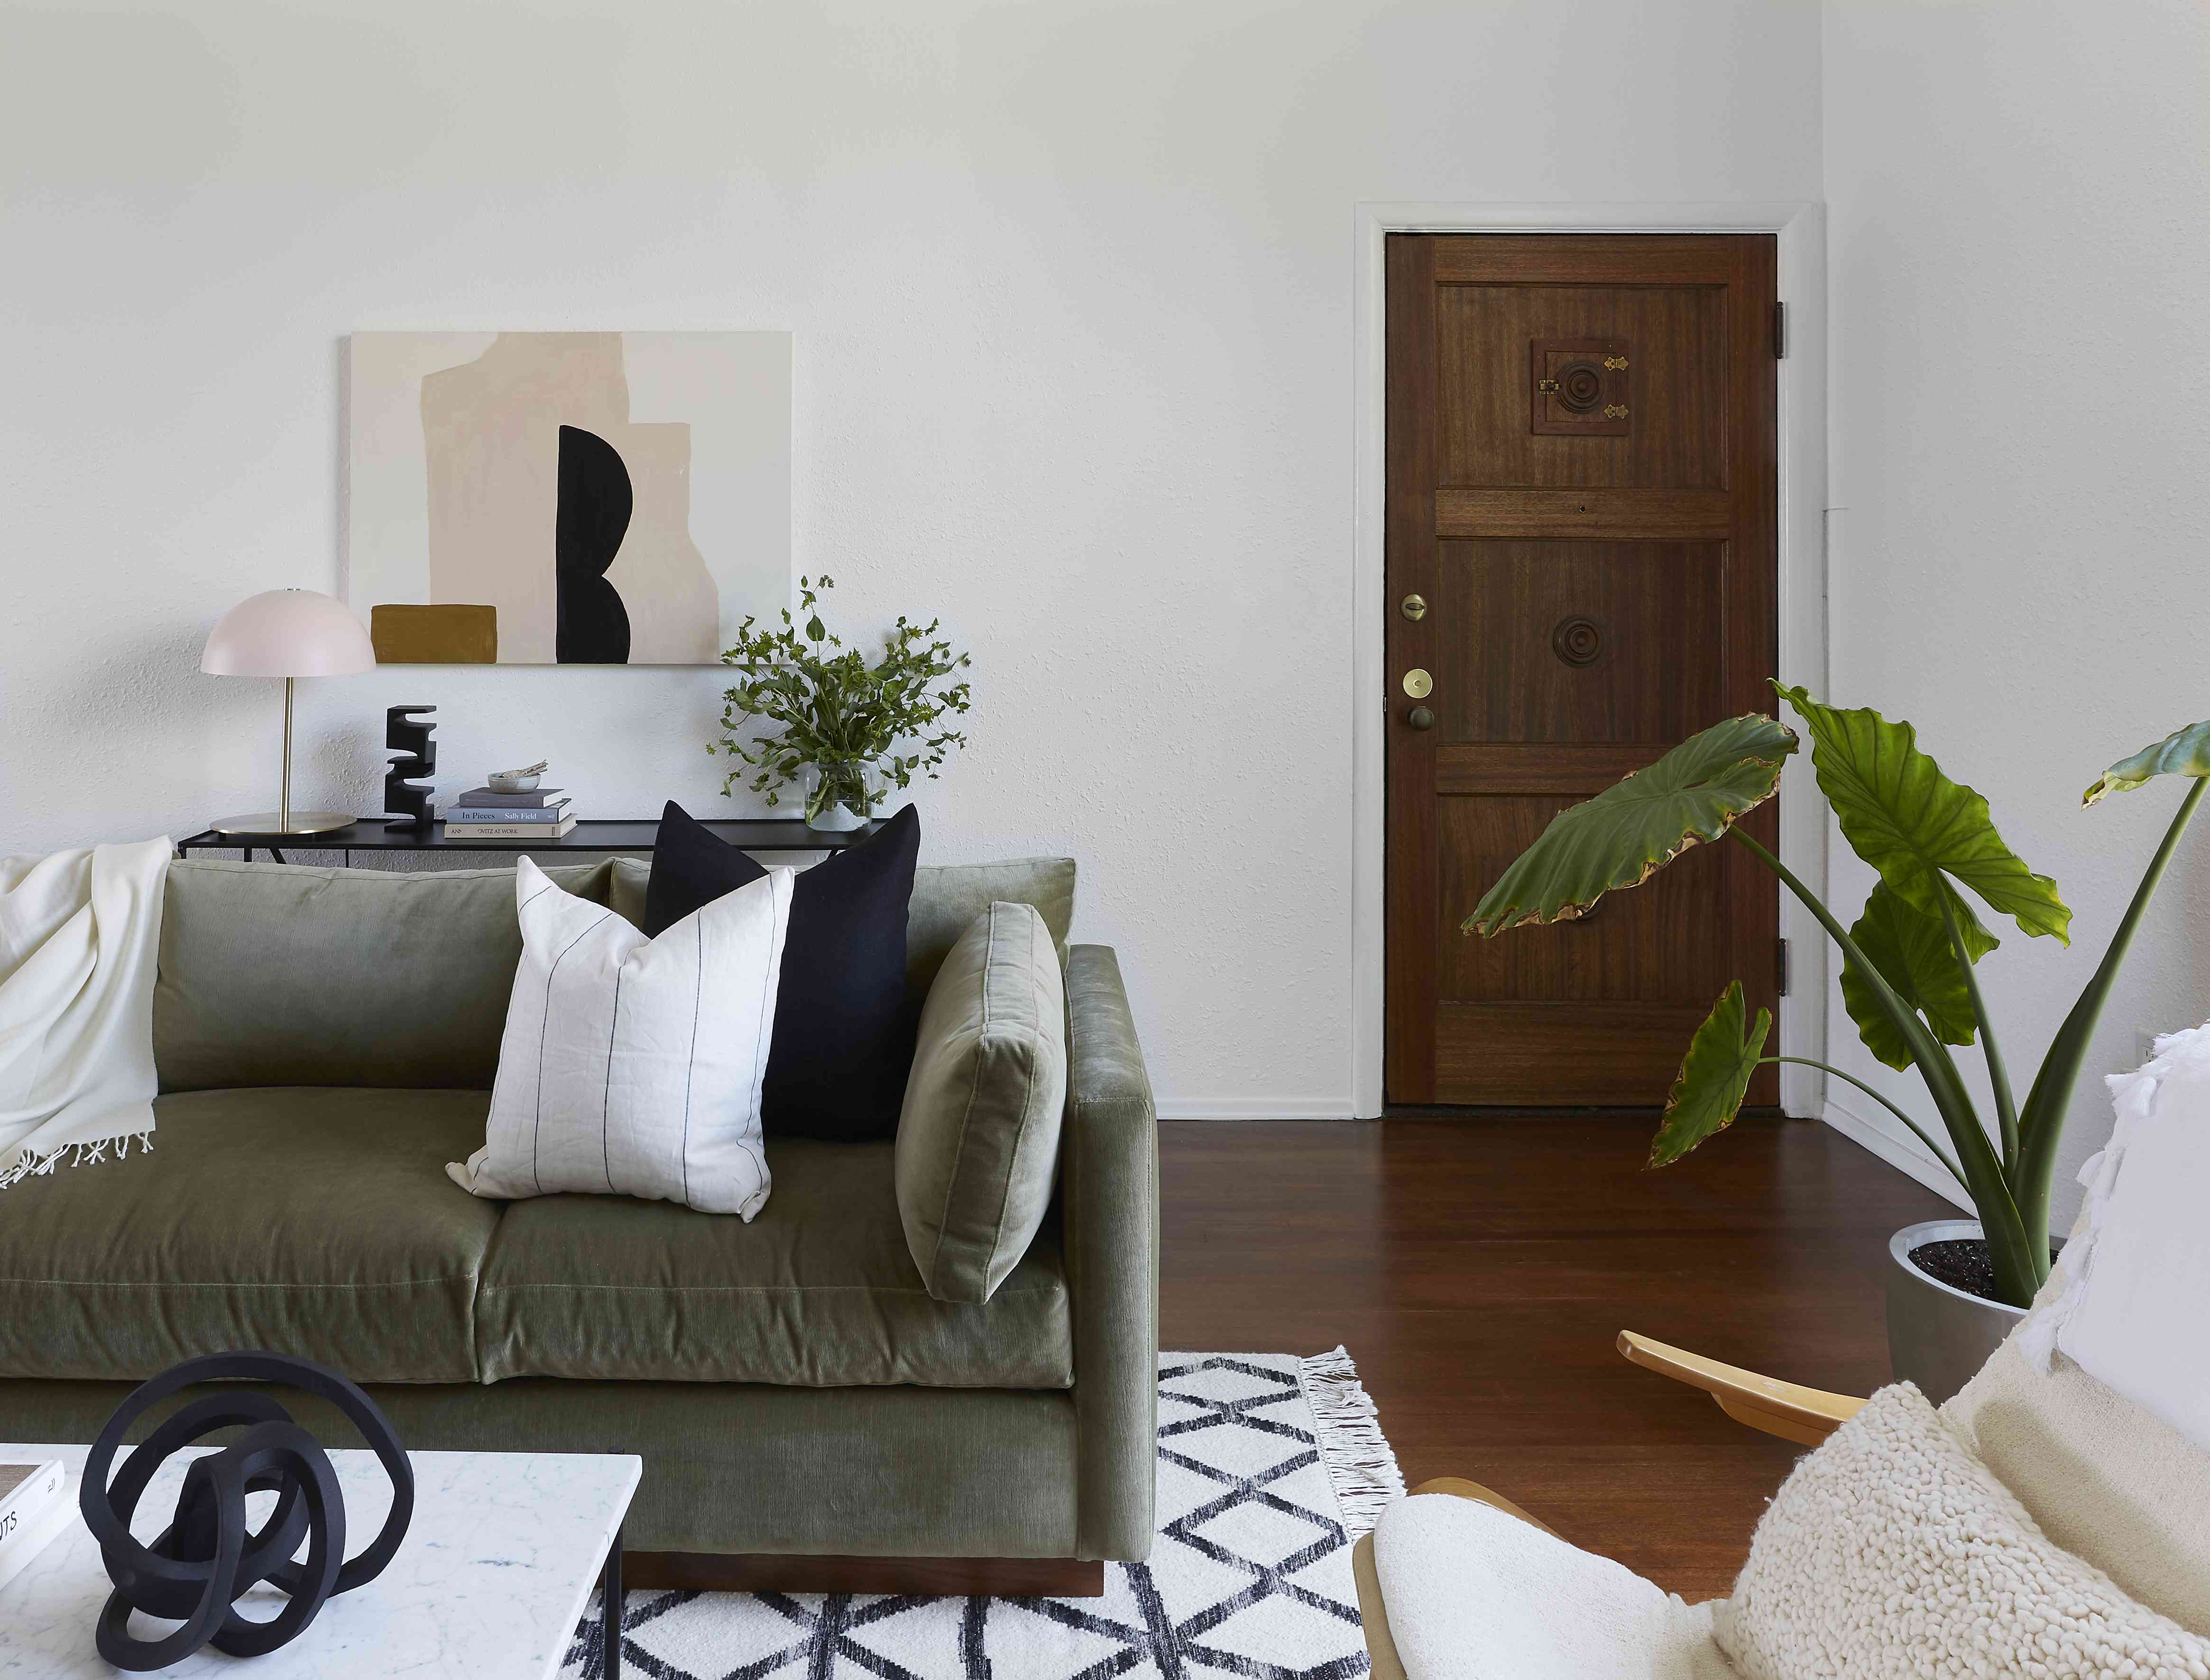 sala de estar con sofá verde salvia